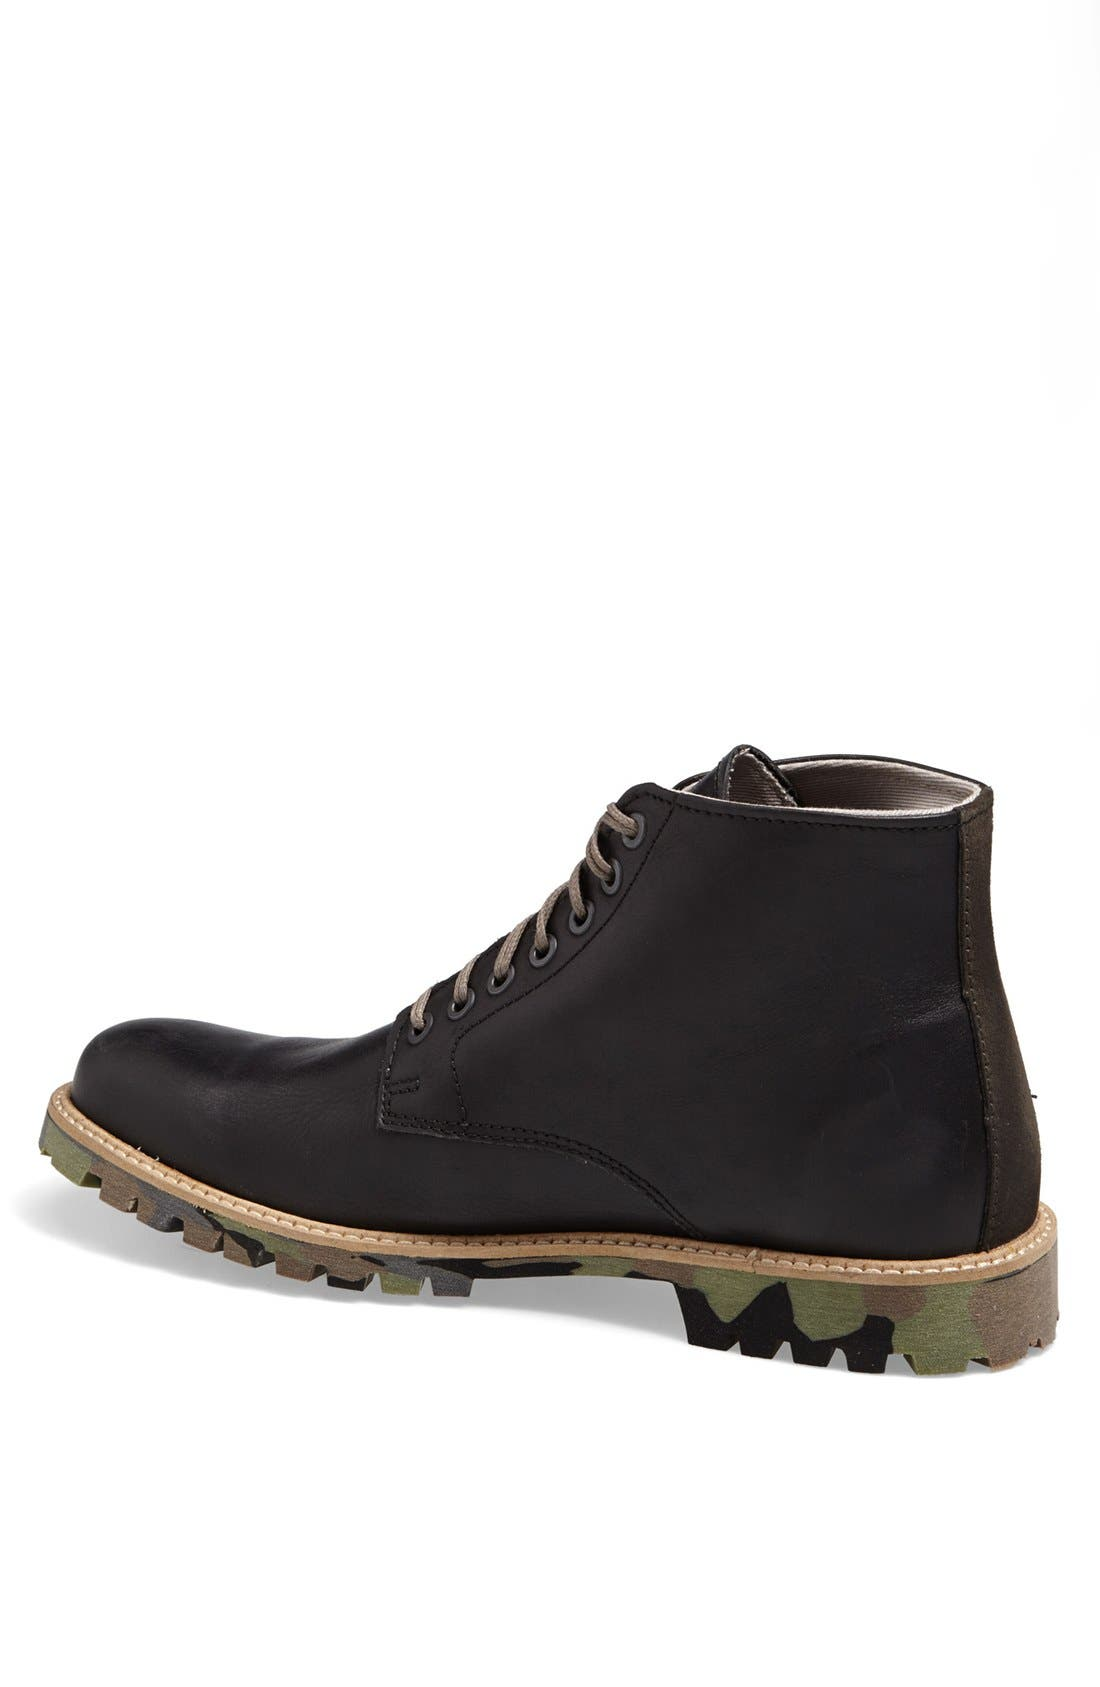 ALDO, 'Cetuur' Plain Toe Boot, Alternate thumbnail 3, color, 002